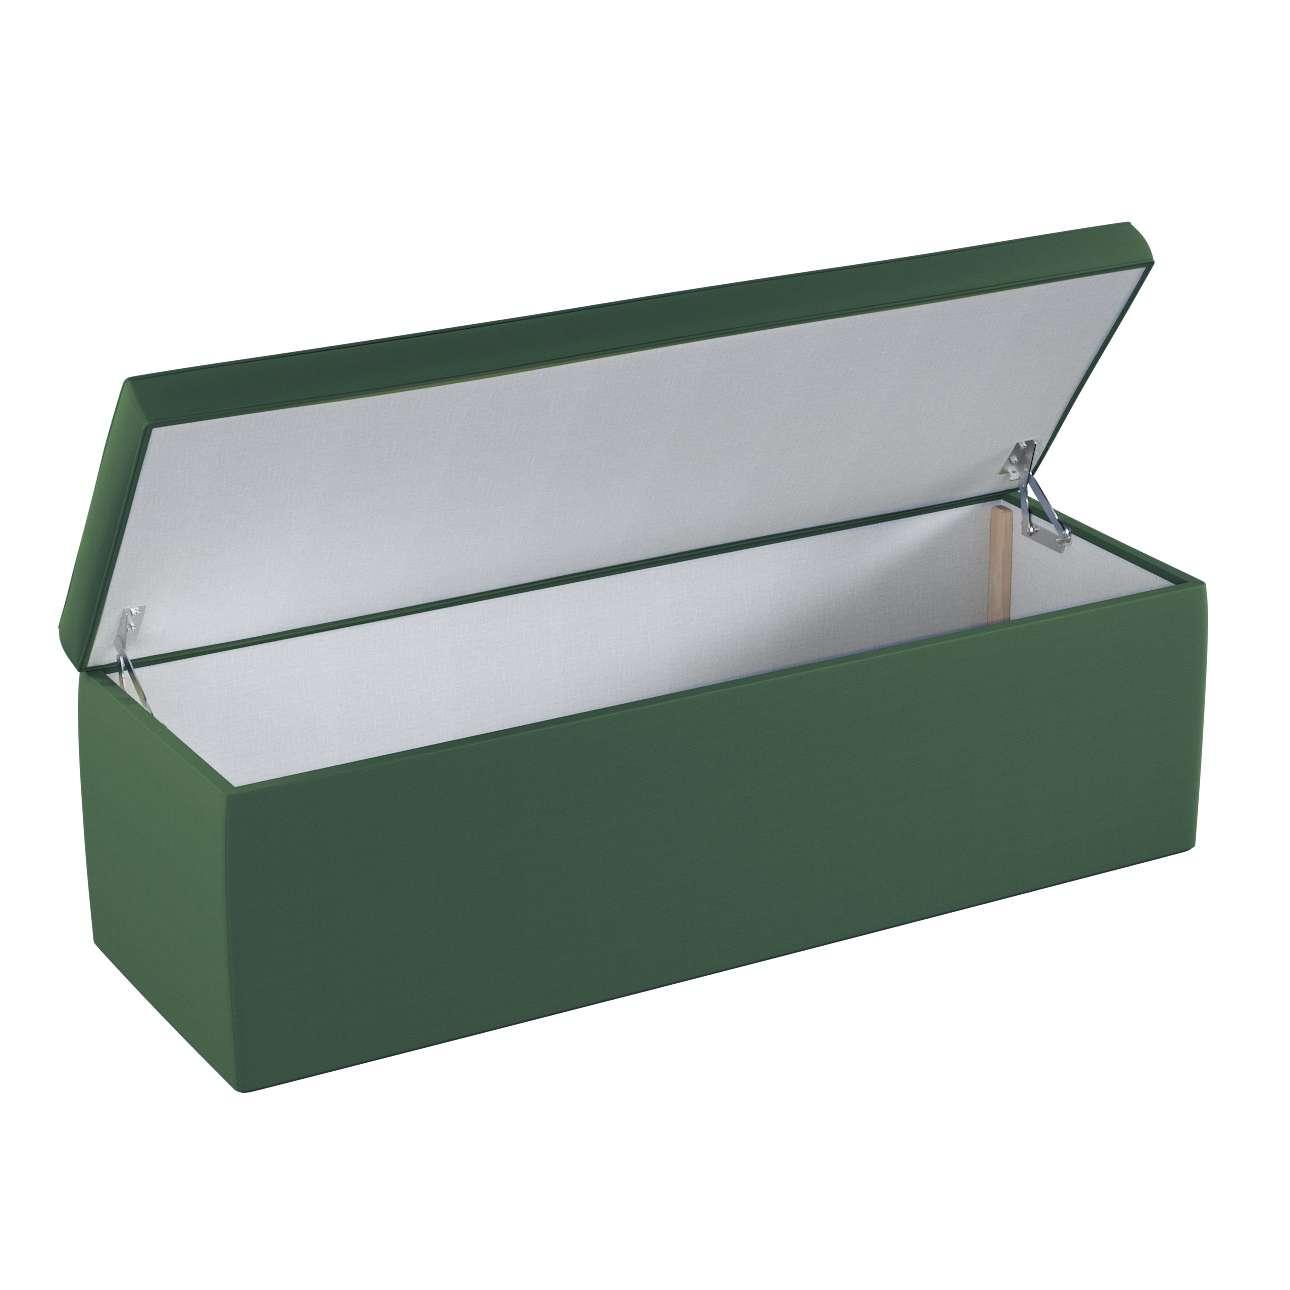 Čalouněná skříň s volbou látky - 2 velikosti v kolekci Cotton Panama, látka: 702-06